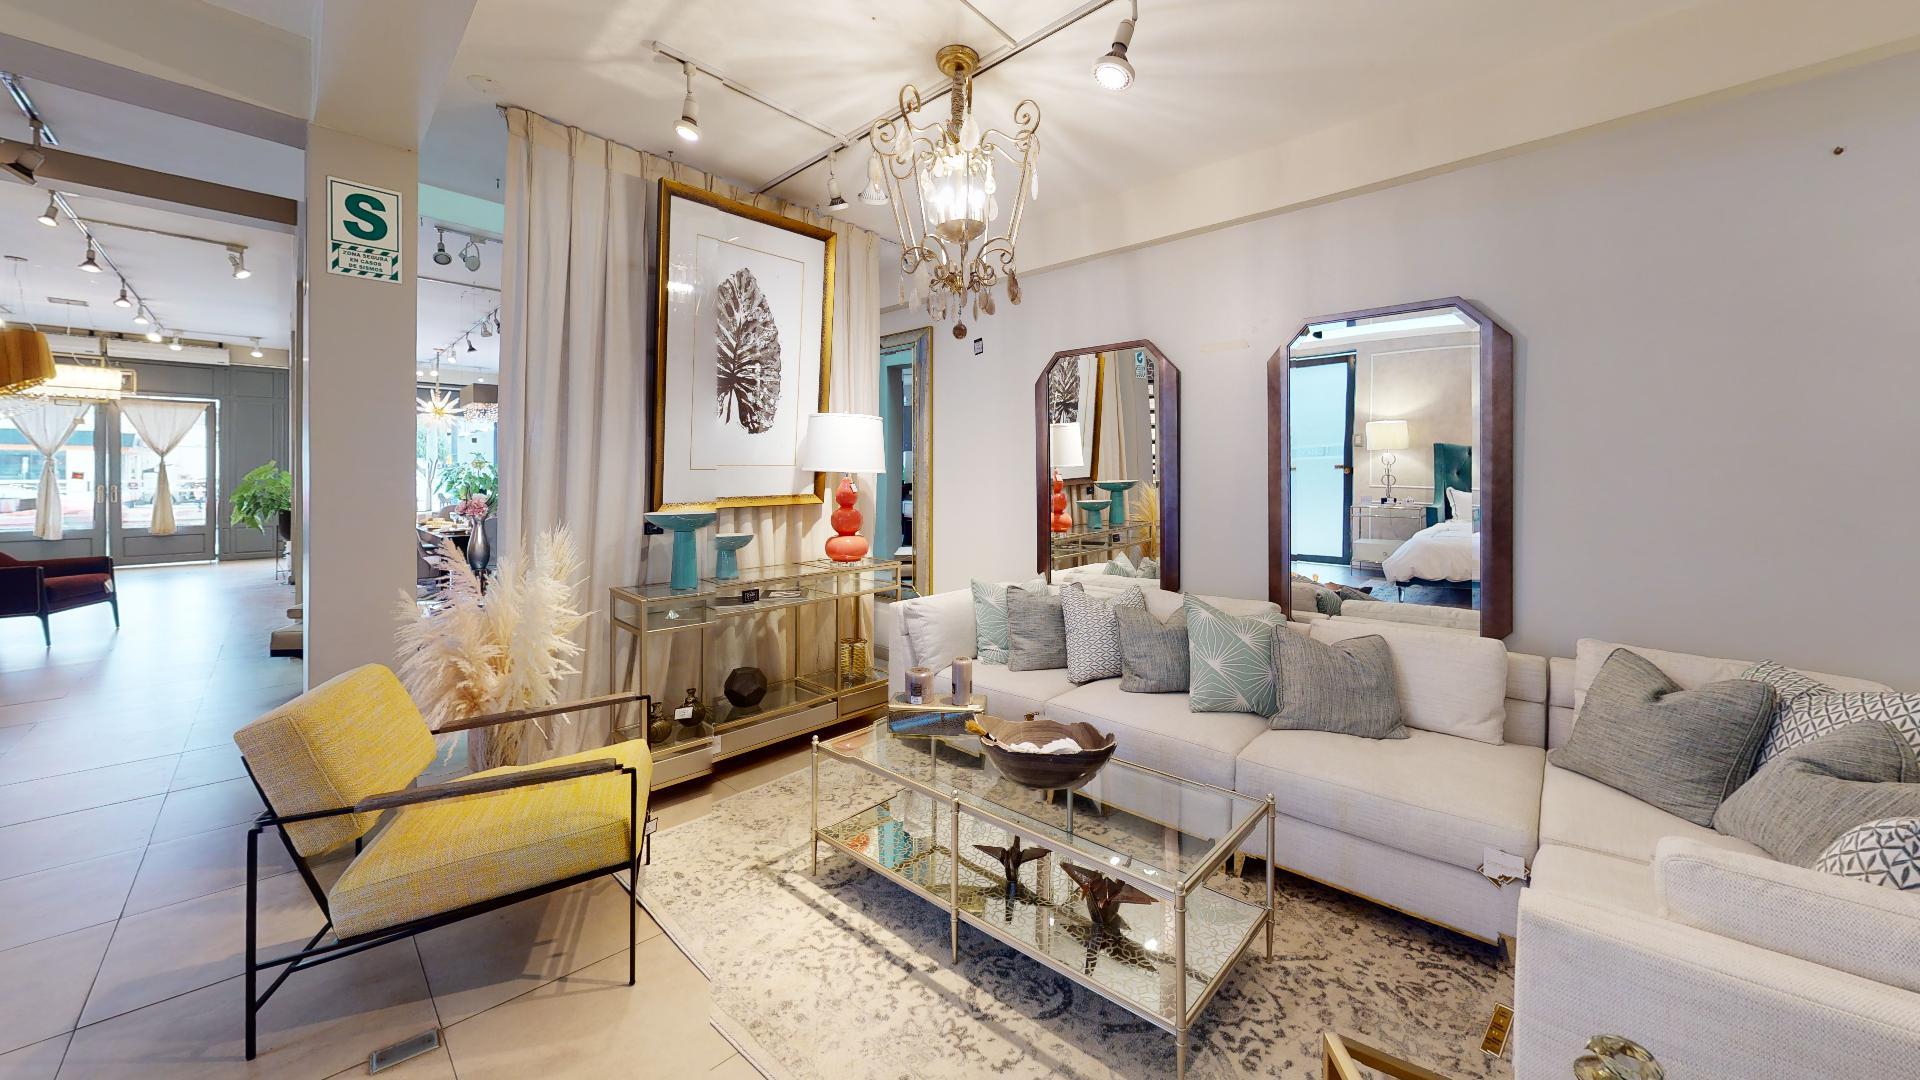 Showroom del recorrido virtual casaviva home boutique, Santiago de Surco, Lima, Perú